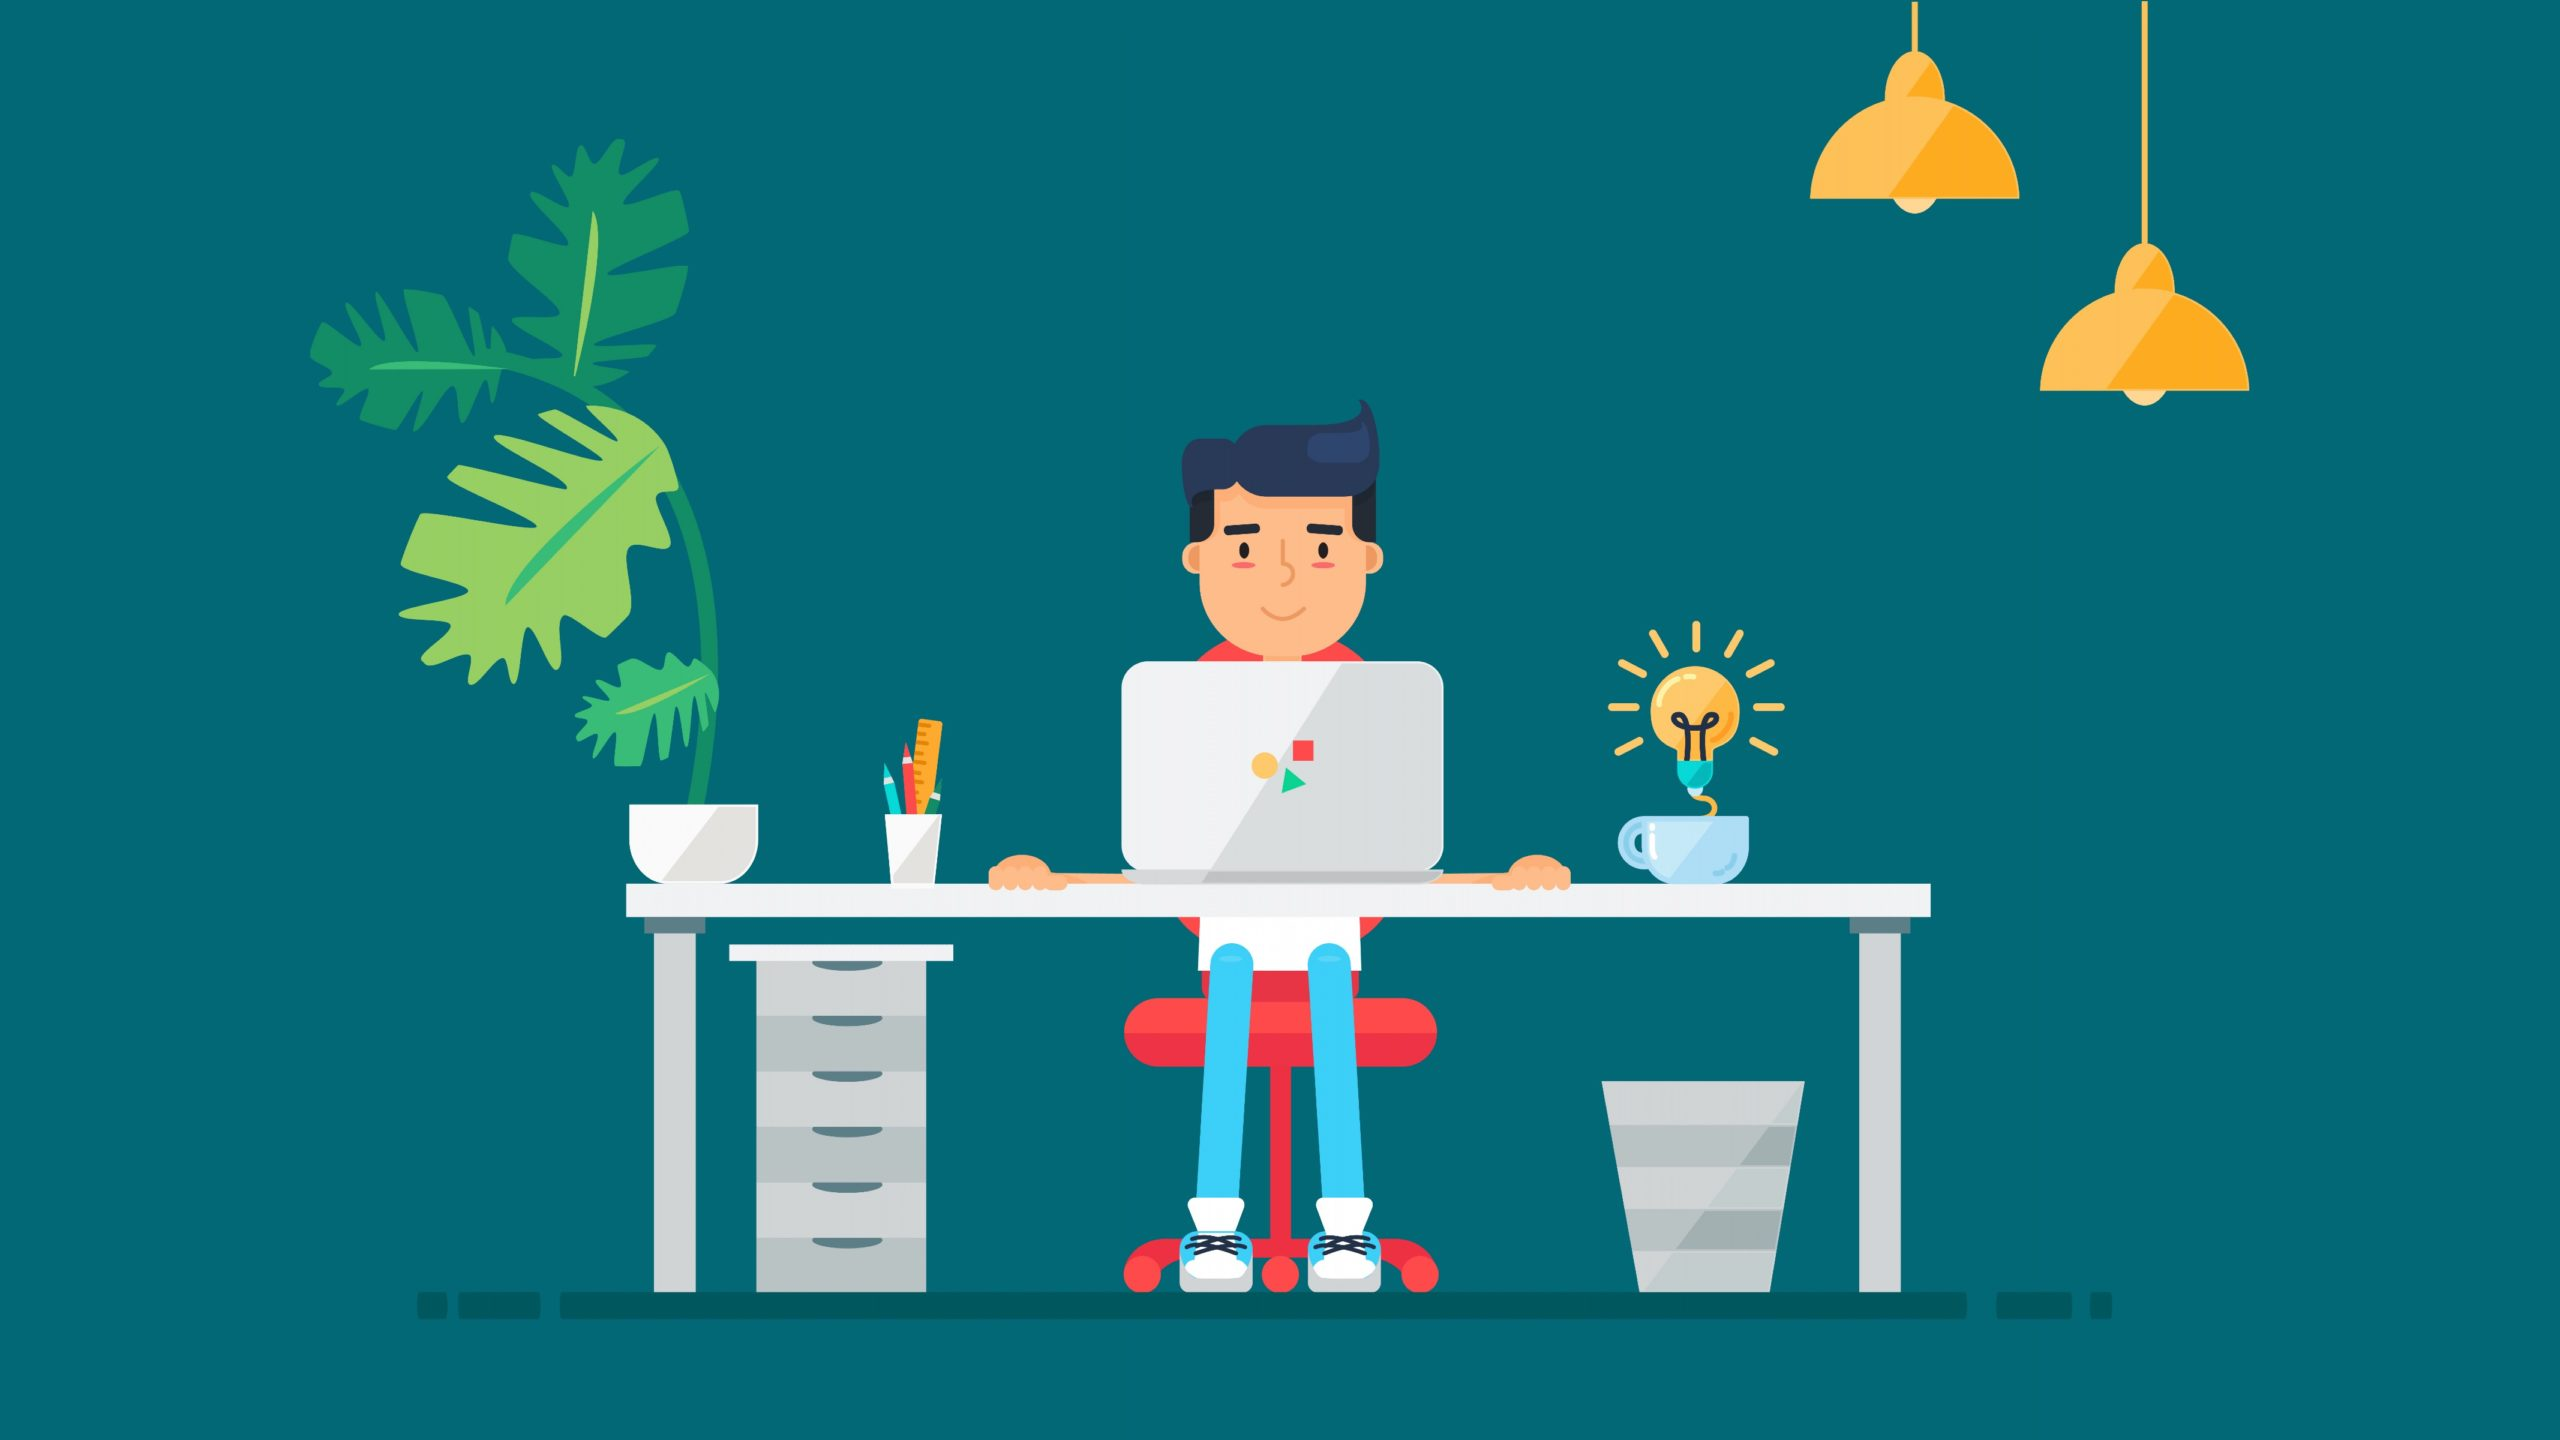 Comment faire une veille efficace et trouver des idées de sujets ? [Formation]